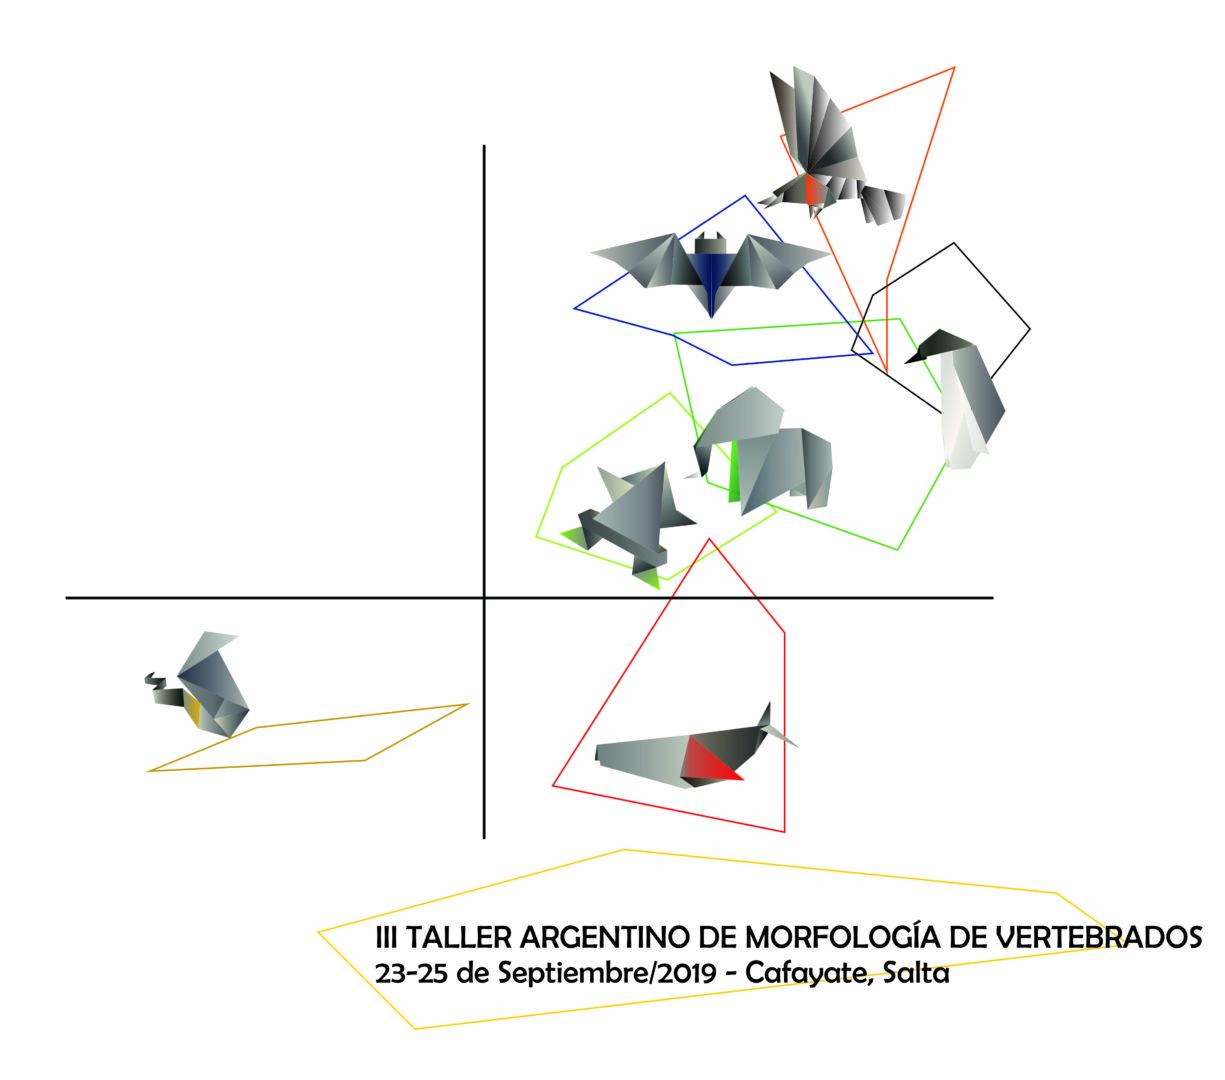 III Taller Argentino de Morfología de Vertebrados